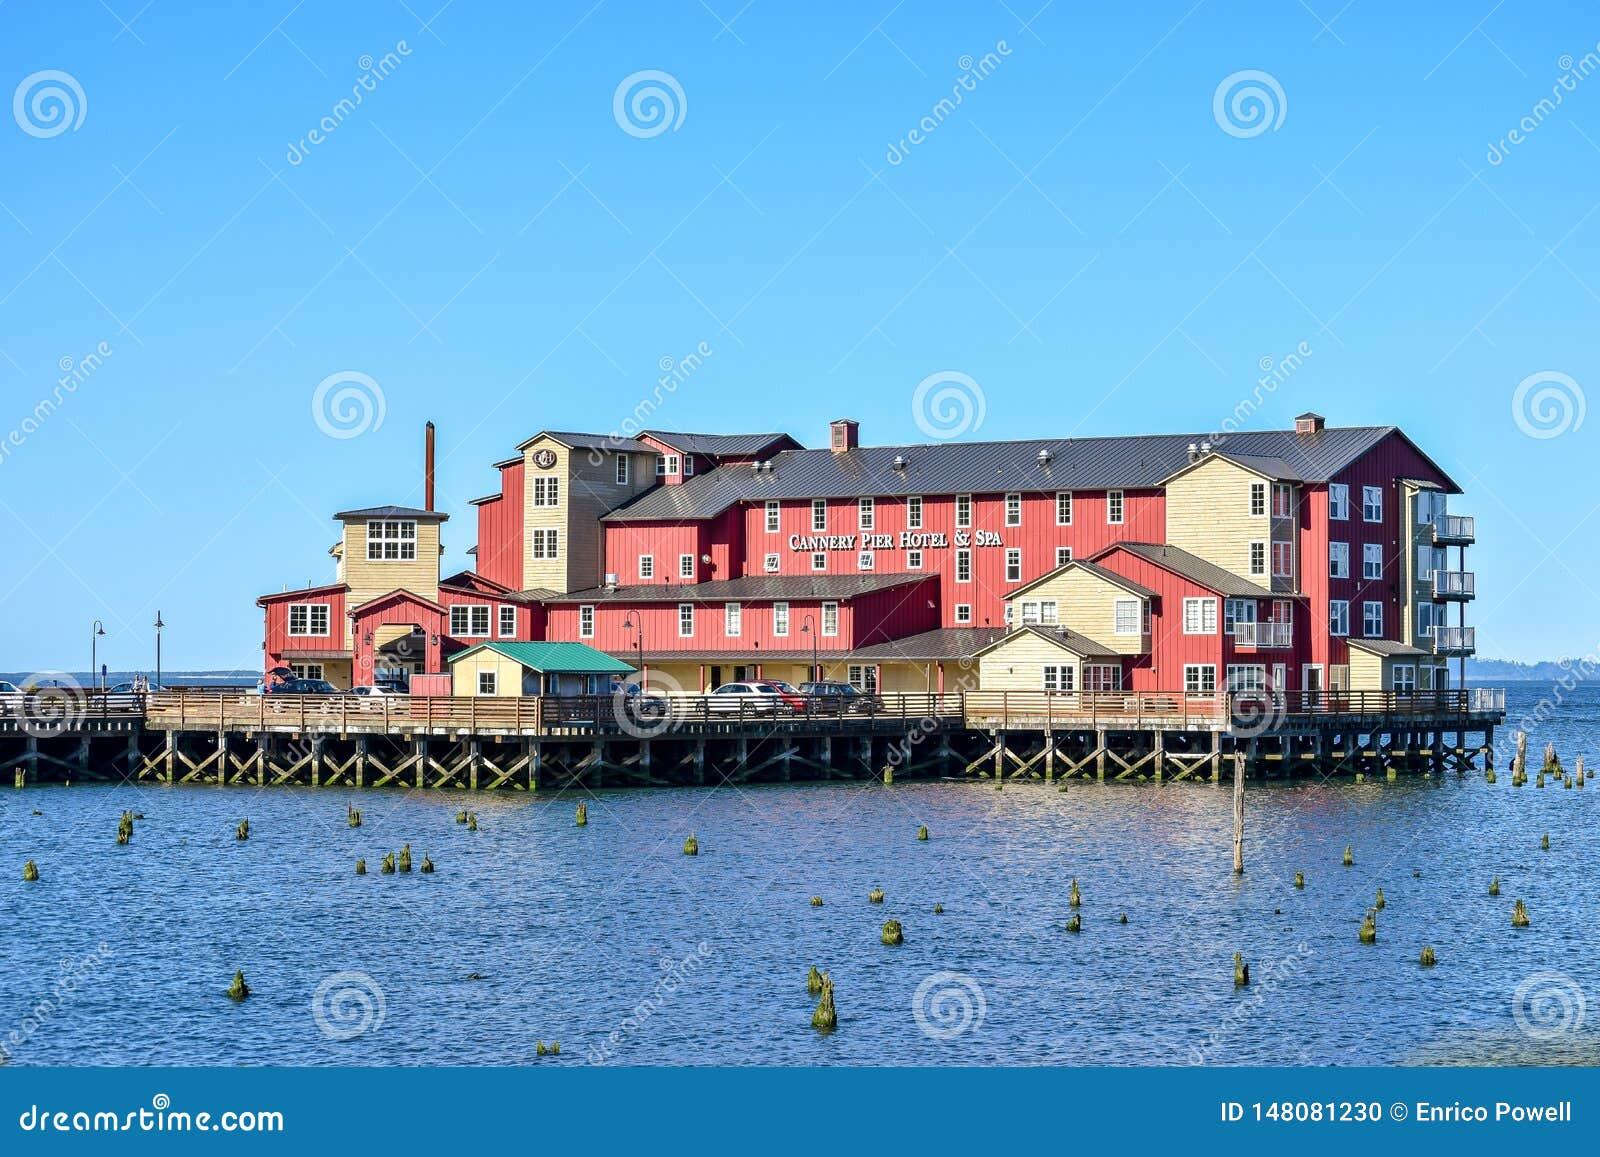 Fabrique de conserves Pier Hotel et station thermale sur le fleuve Columbia dans Astoria